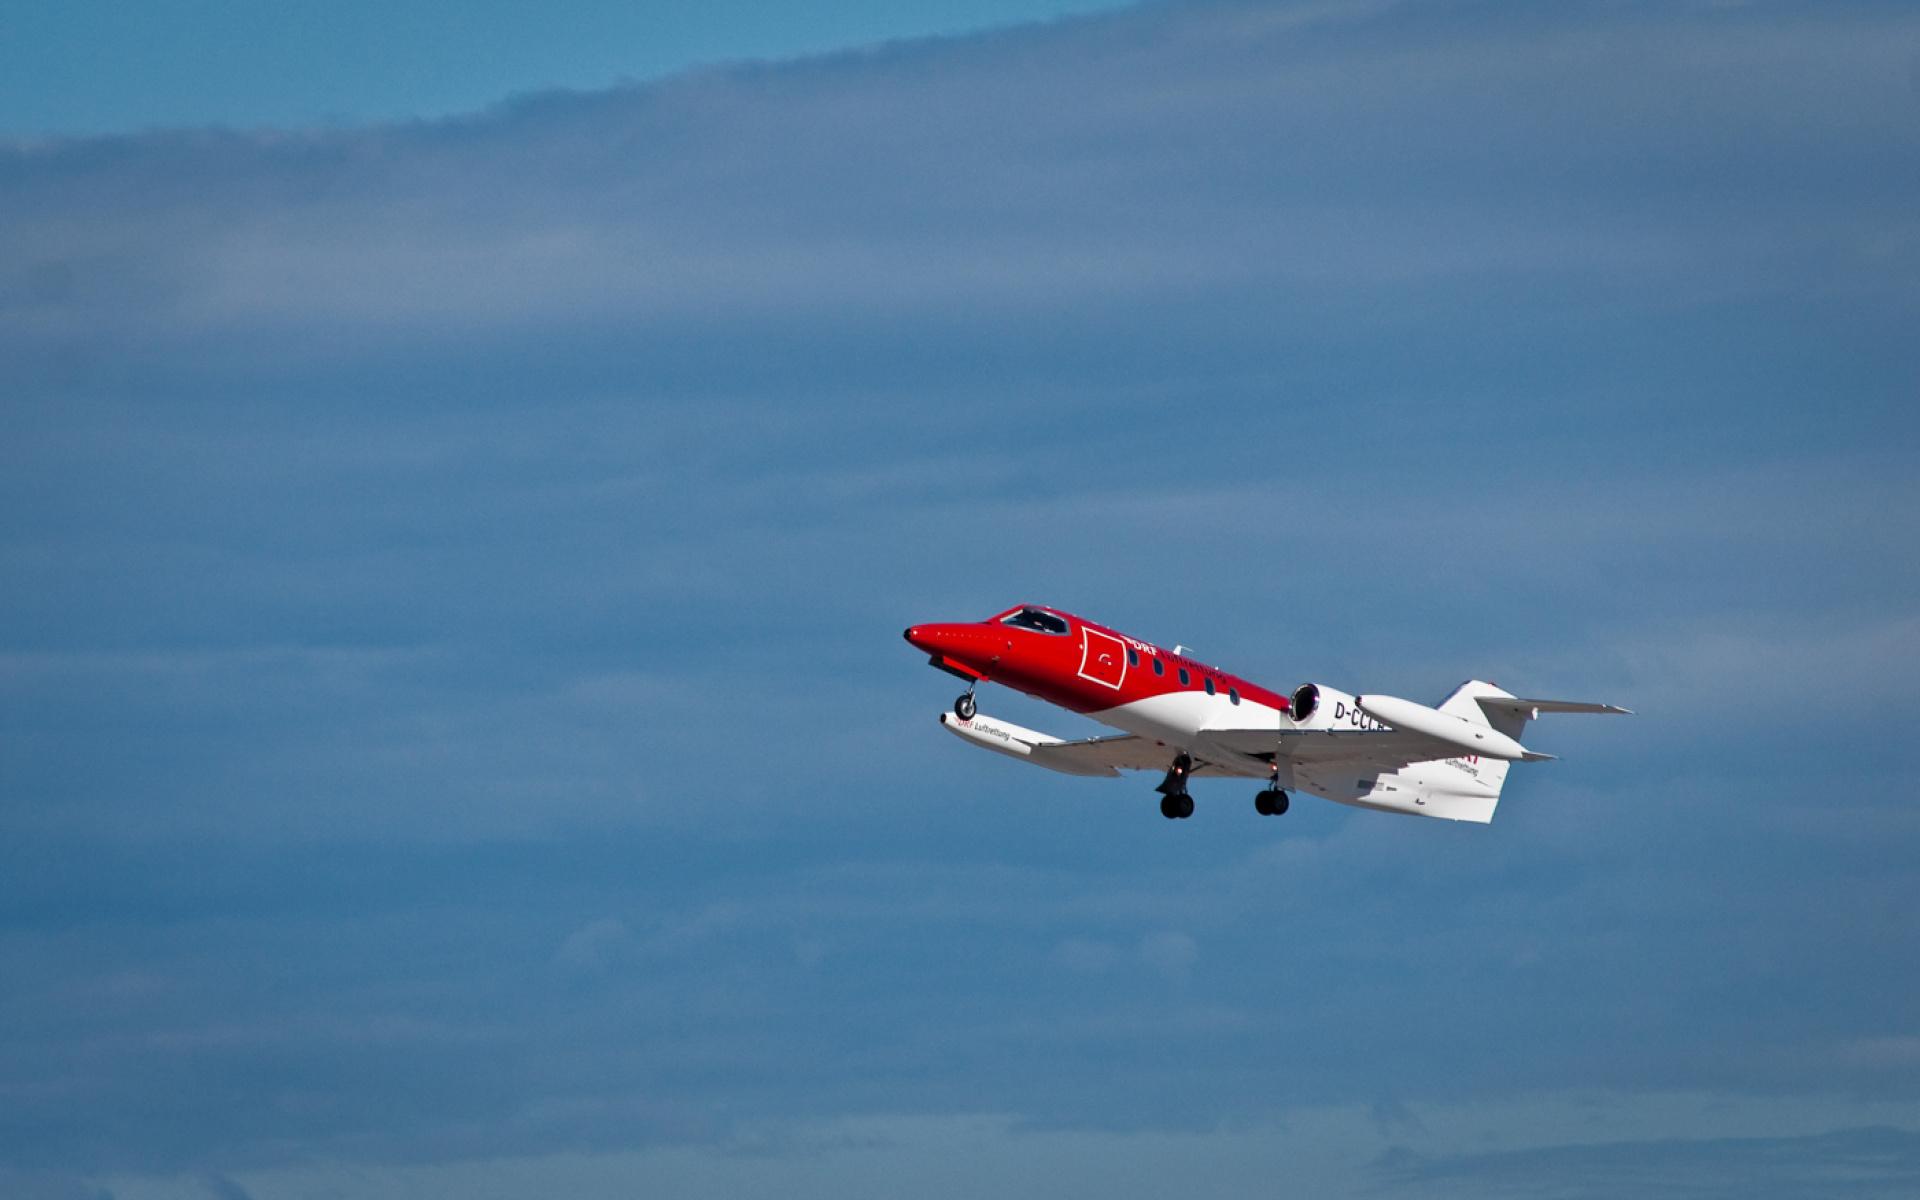 Als Fördermitglied der DRF Luftrettung holen wir Sie kostenlos aus dem Ausland zurück, sofern medizinisch sinnvoll und ärztlich angeordnet.